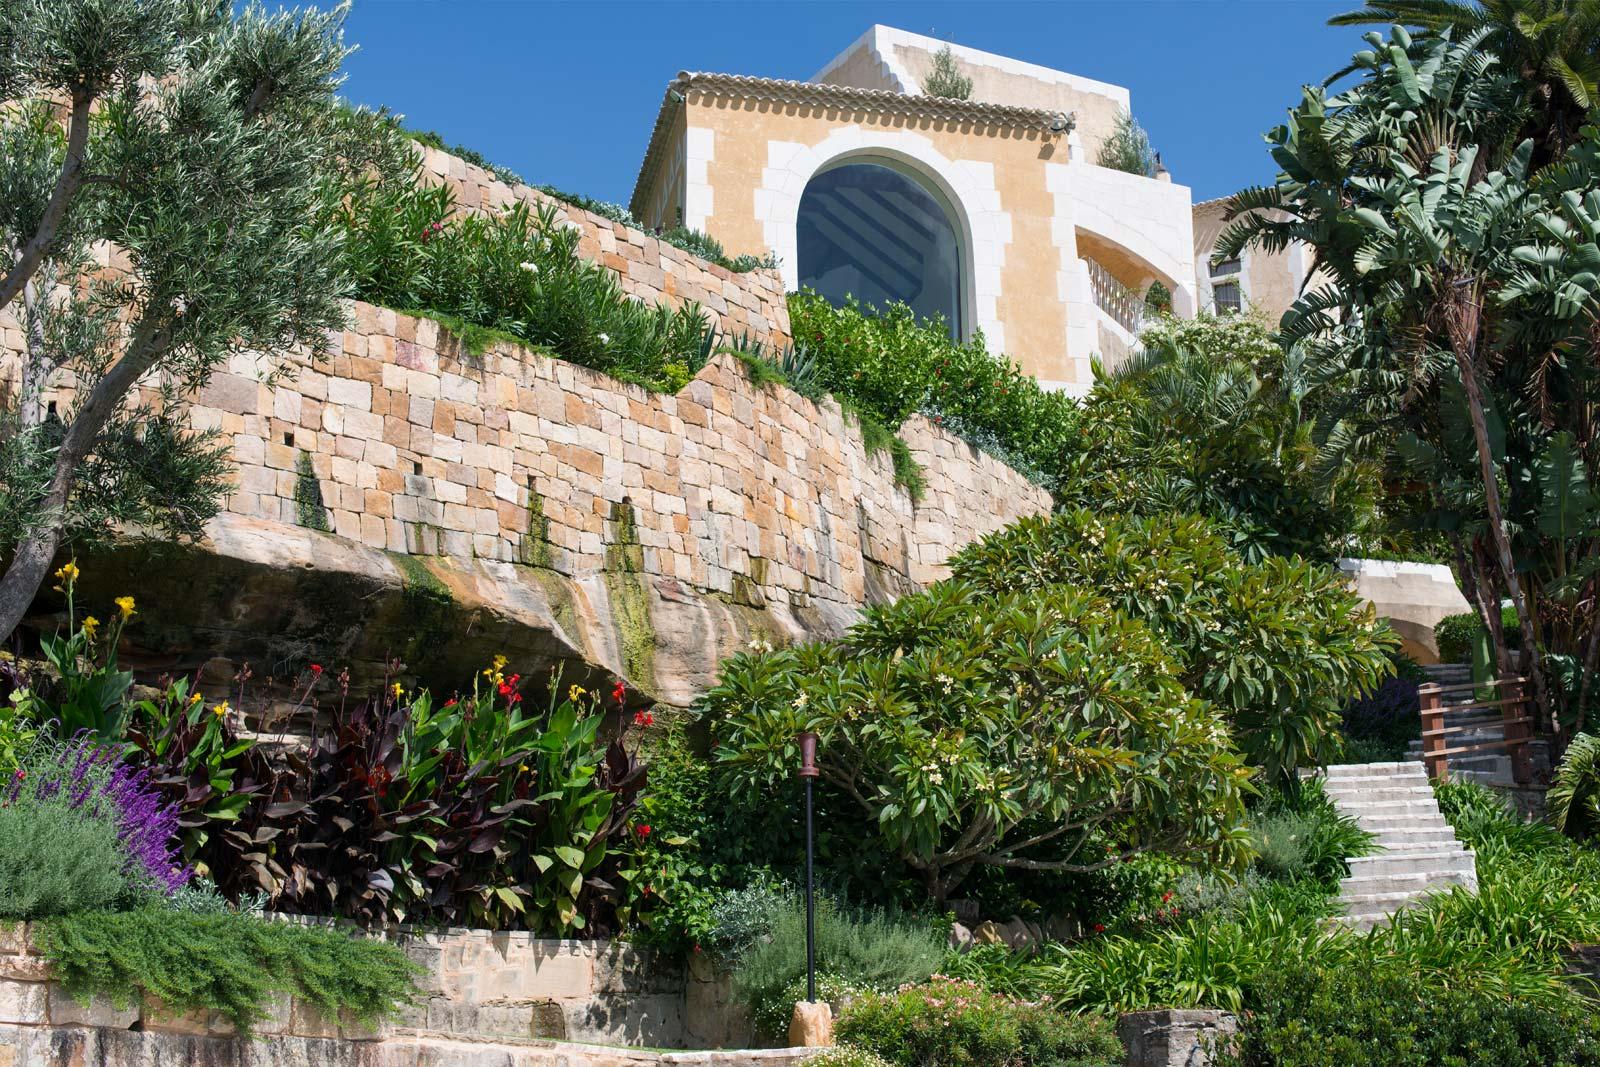 Esempio di progetto giardino mediterraneo i progetti di for Giardino mediterraneo